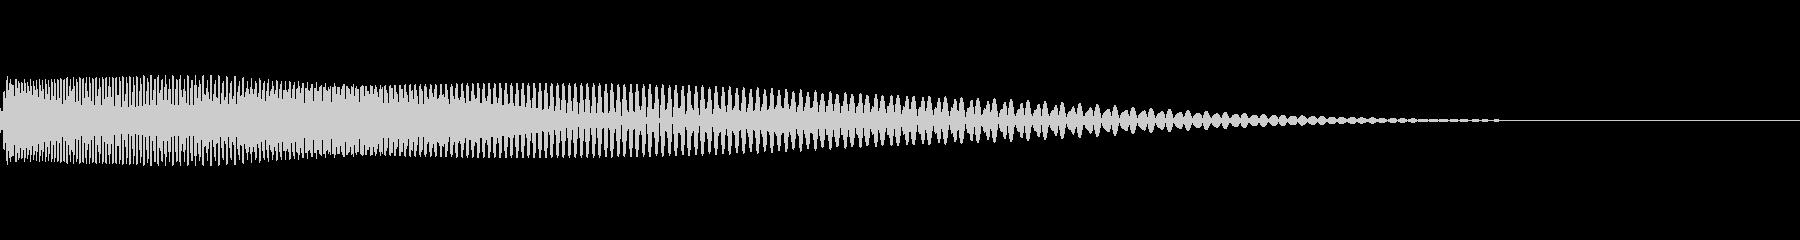 低めの落下音の未再生の波形